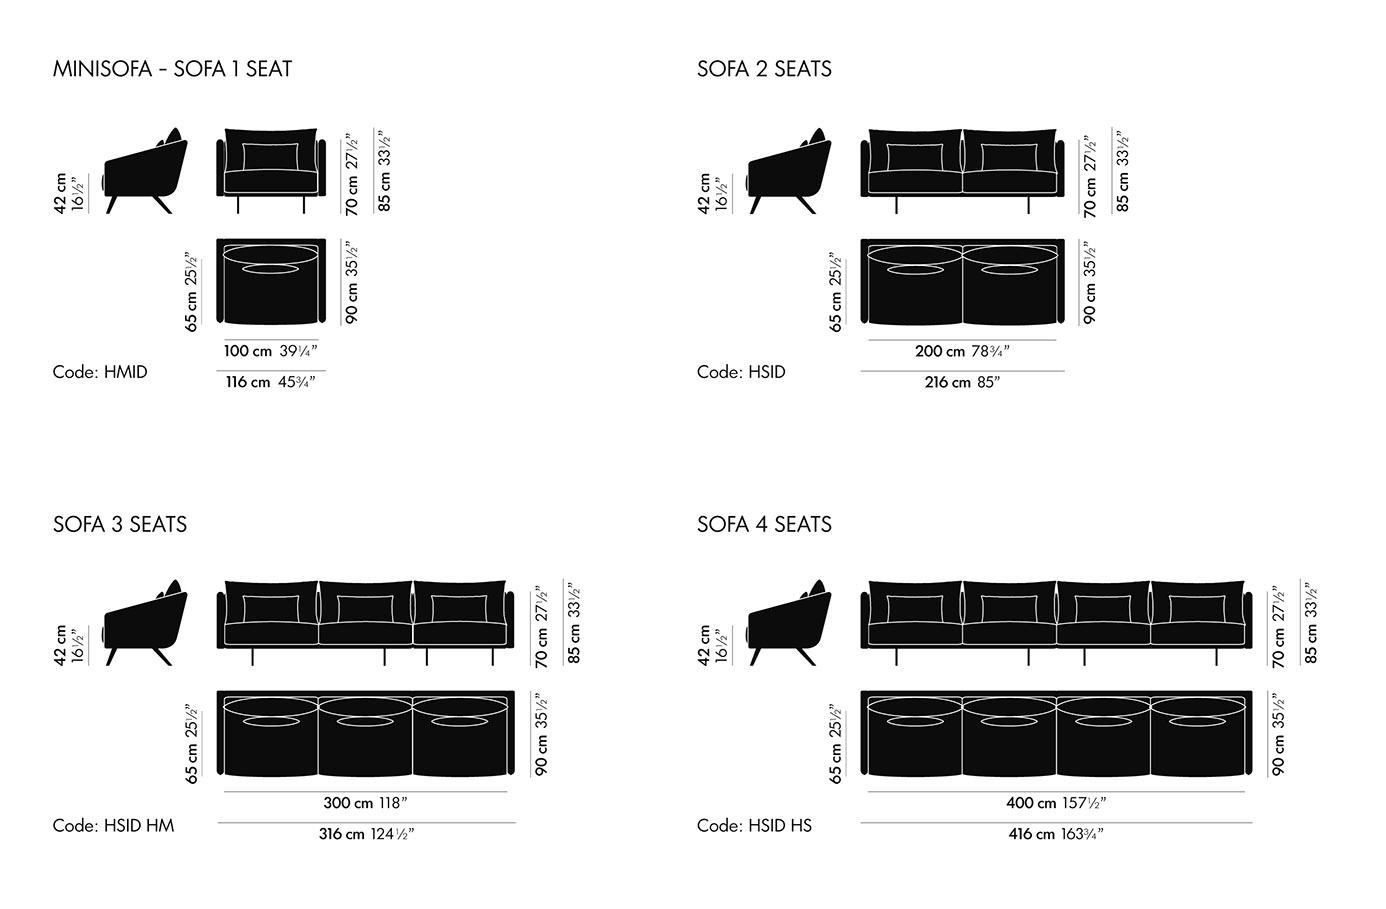 stua-dimensions-costura-sofas